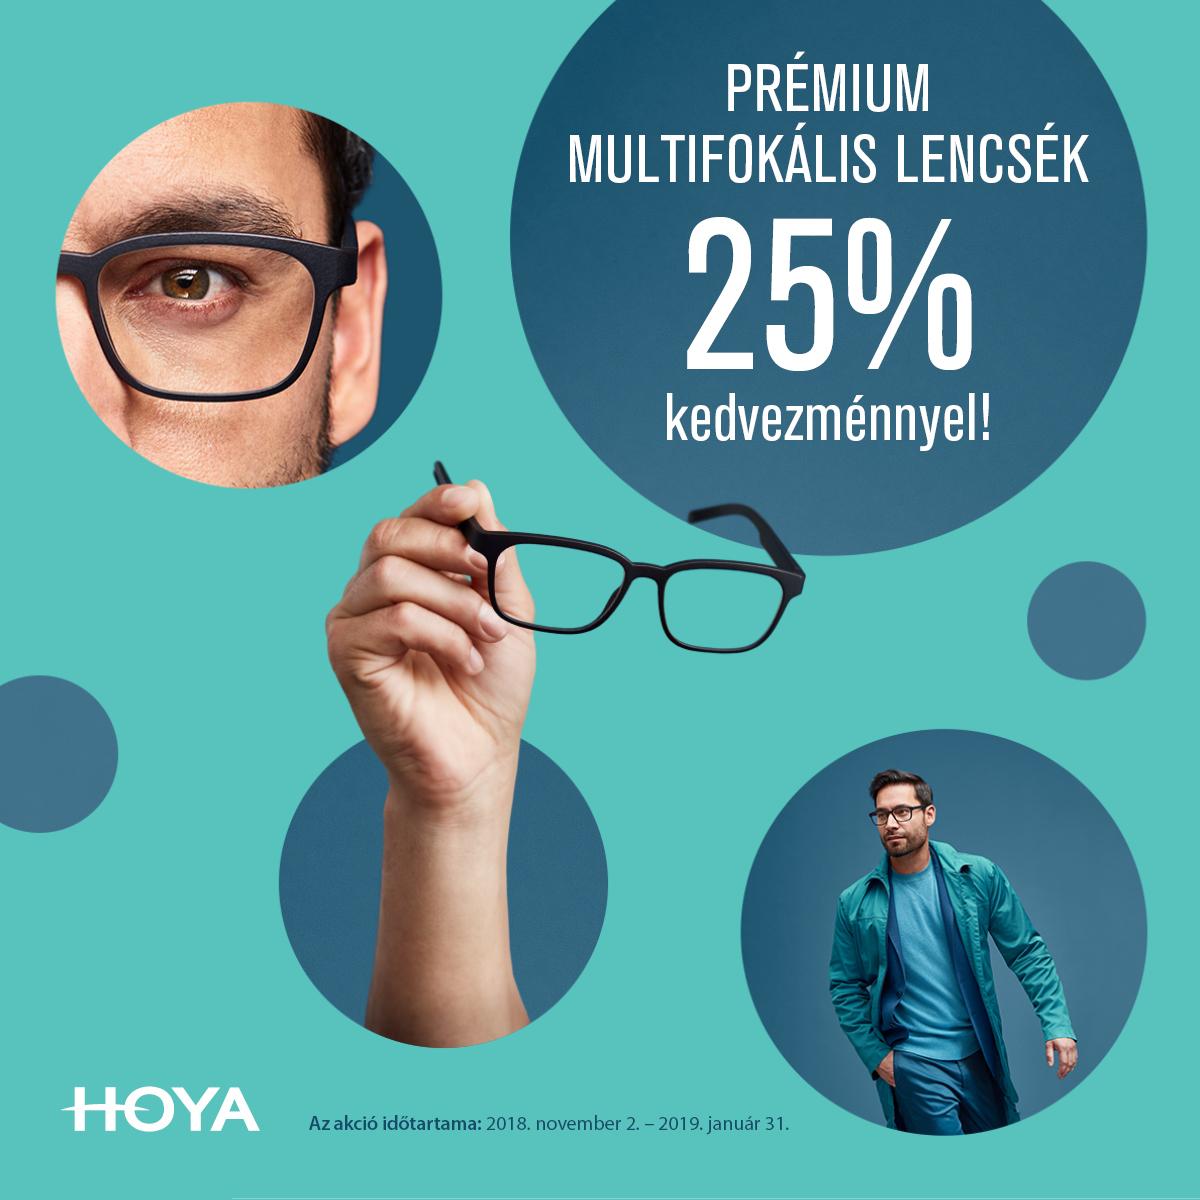 Prémium multifokális lencsék 25 % kedvezménnyel!